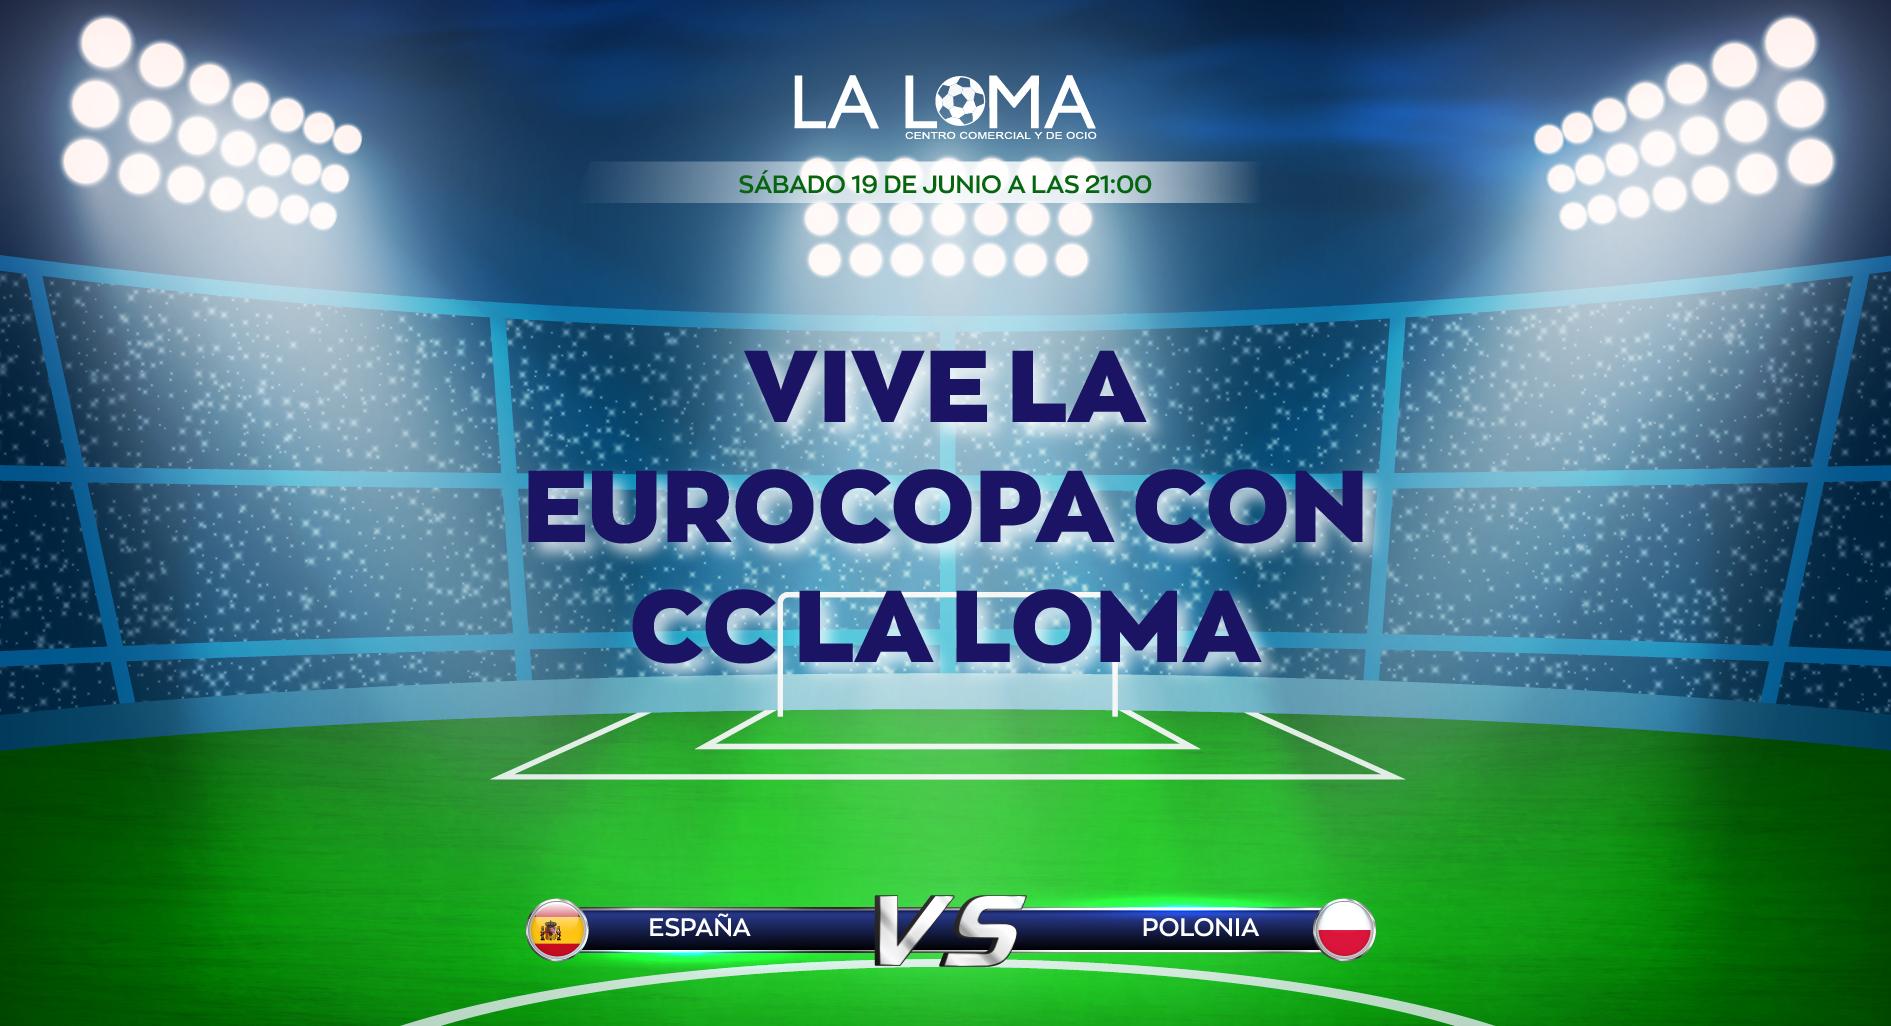 Sorteo Eurocopa 19.06 Centro Comercial y de Ocio La Loma